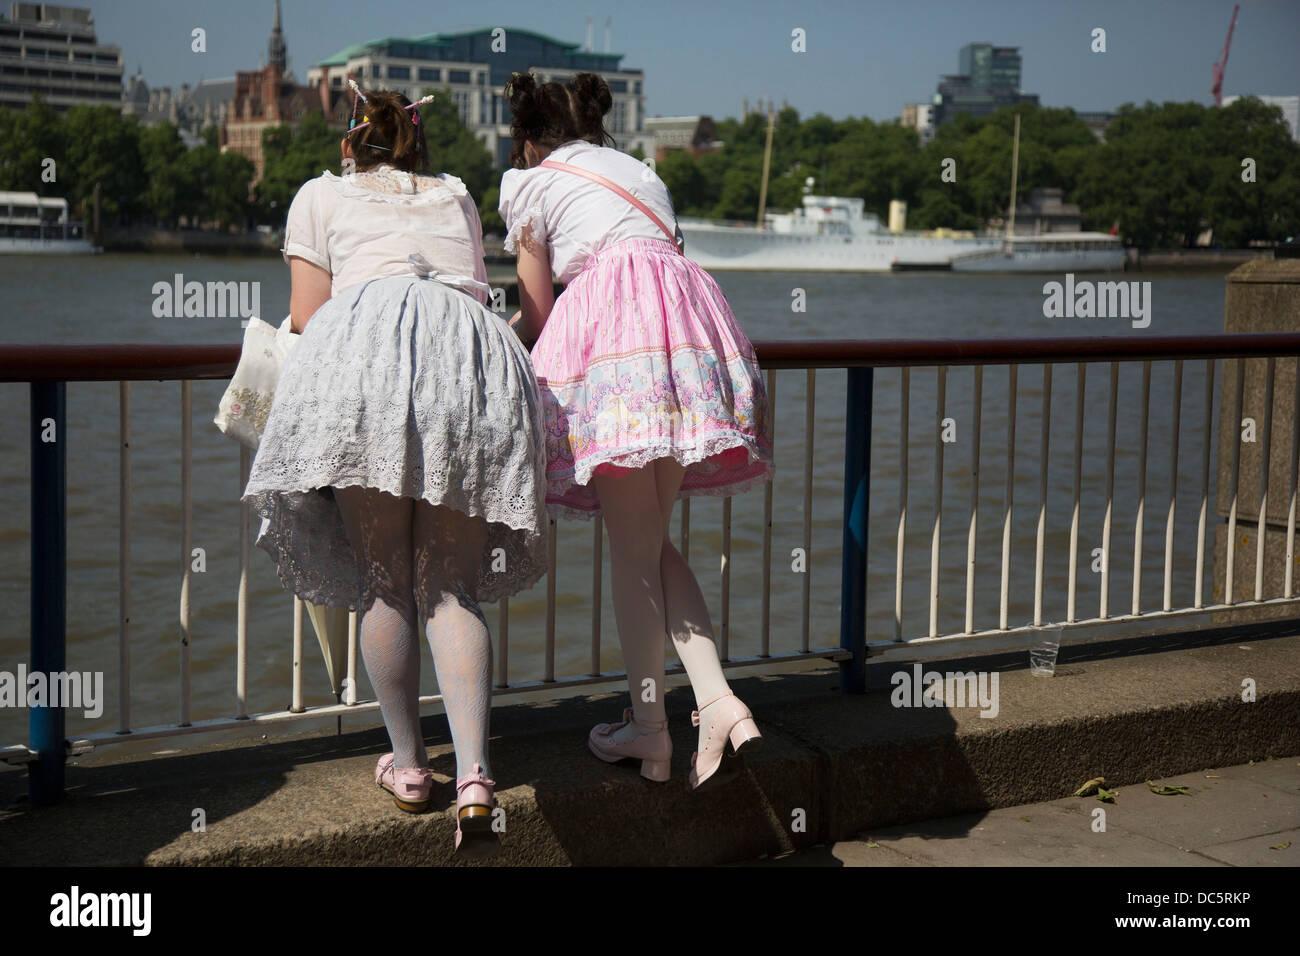 zwei mädchen kleider tragen lolita schlanke über die